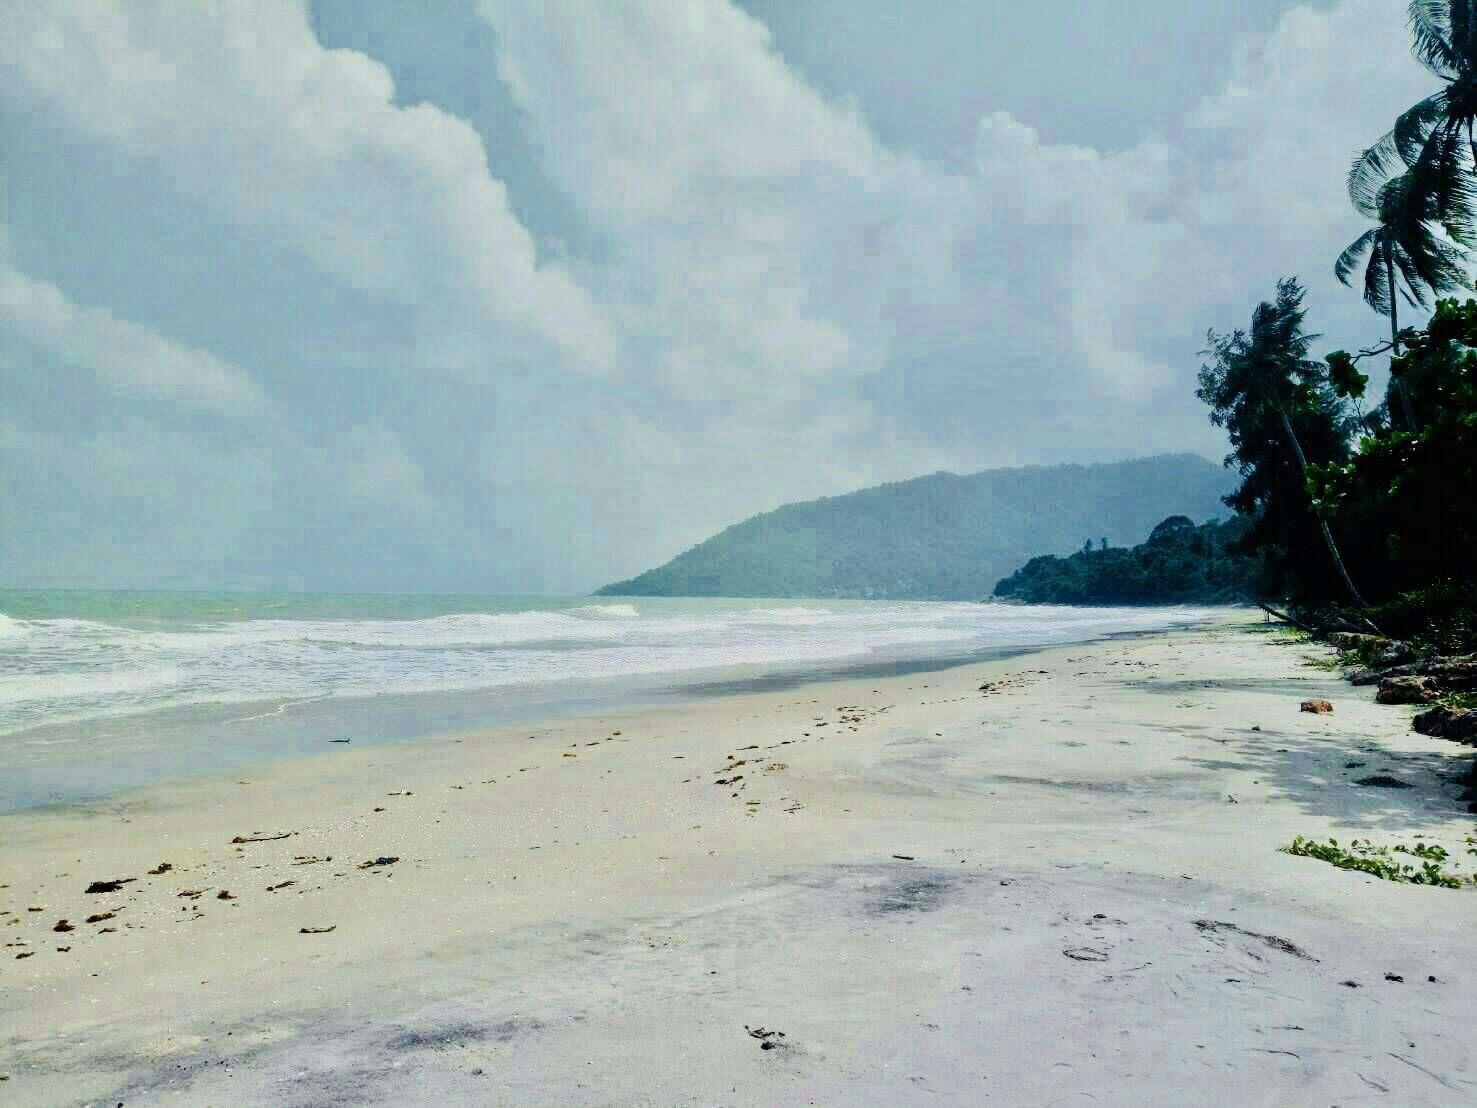 ขายที่ดินชายทะเล-สวยมาก-เนื้อที่-4-ไร่-40-ตารางวา-ติดถนนเลียบชายหาด-21-เมตร-ติดทะเล-70-เมตร